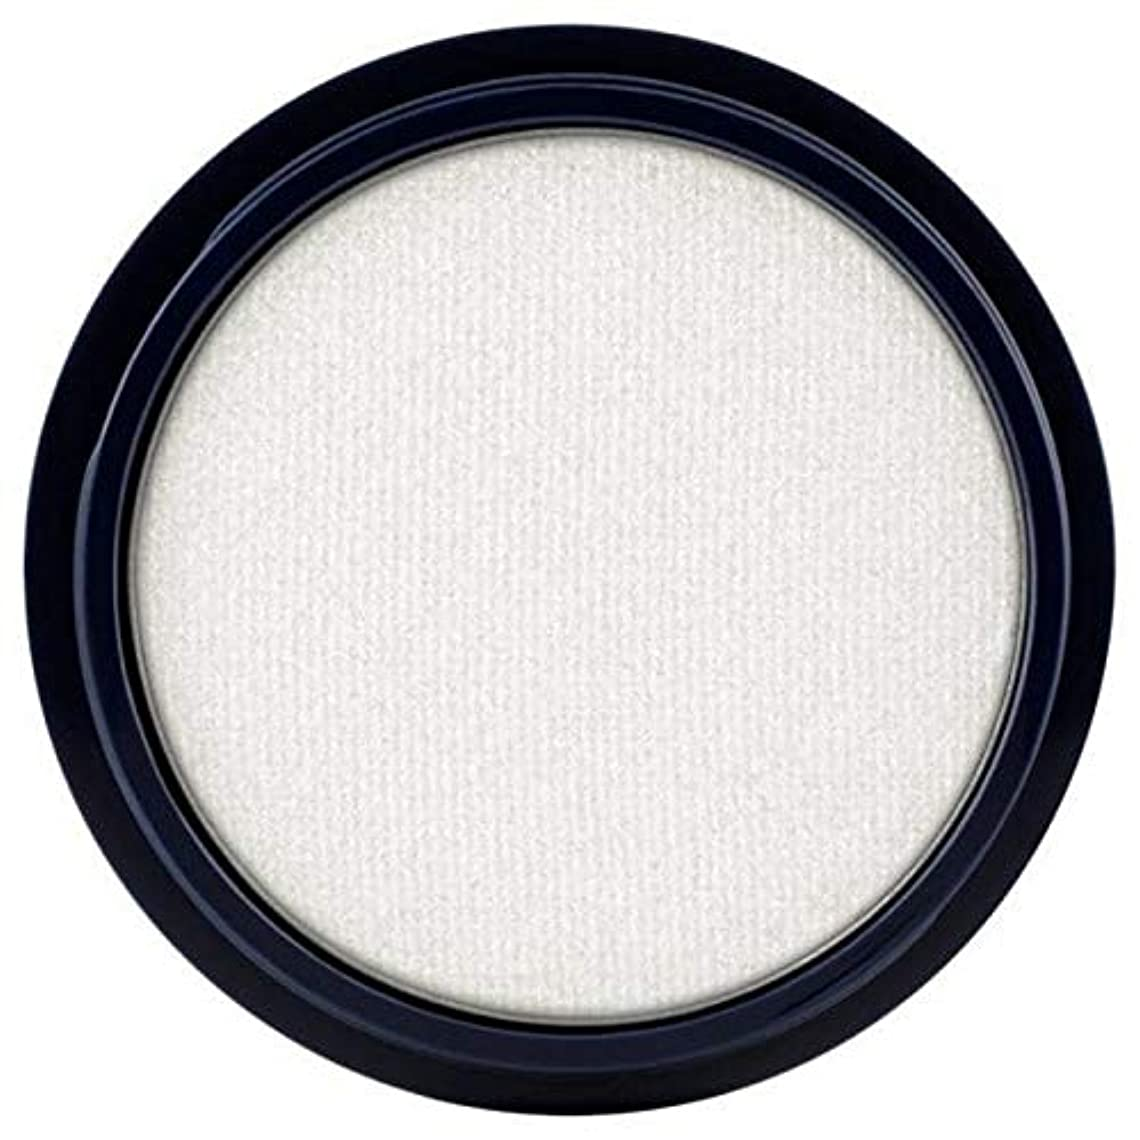 助手れる言い訳[Max Factor ] 白35 Definatマックスファクター野生シャドウアイシャドウポット - Max Factor Wild Shadow Eyeshadow Pot Definat White 35 [並行輸入品]